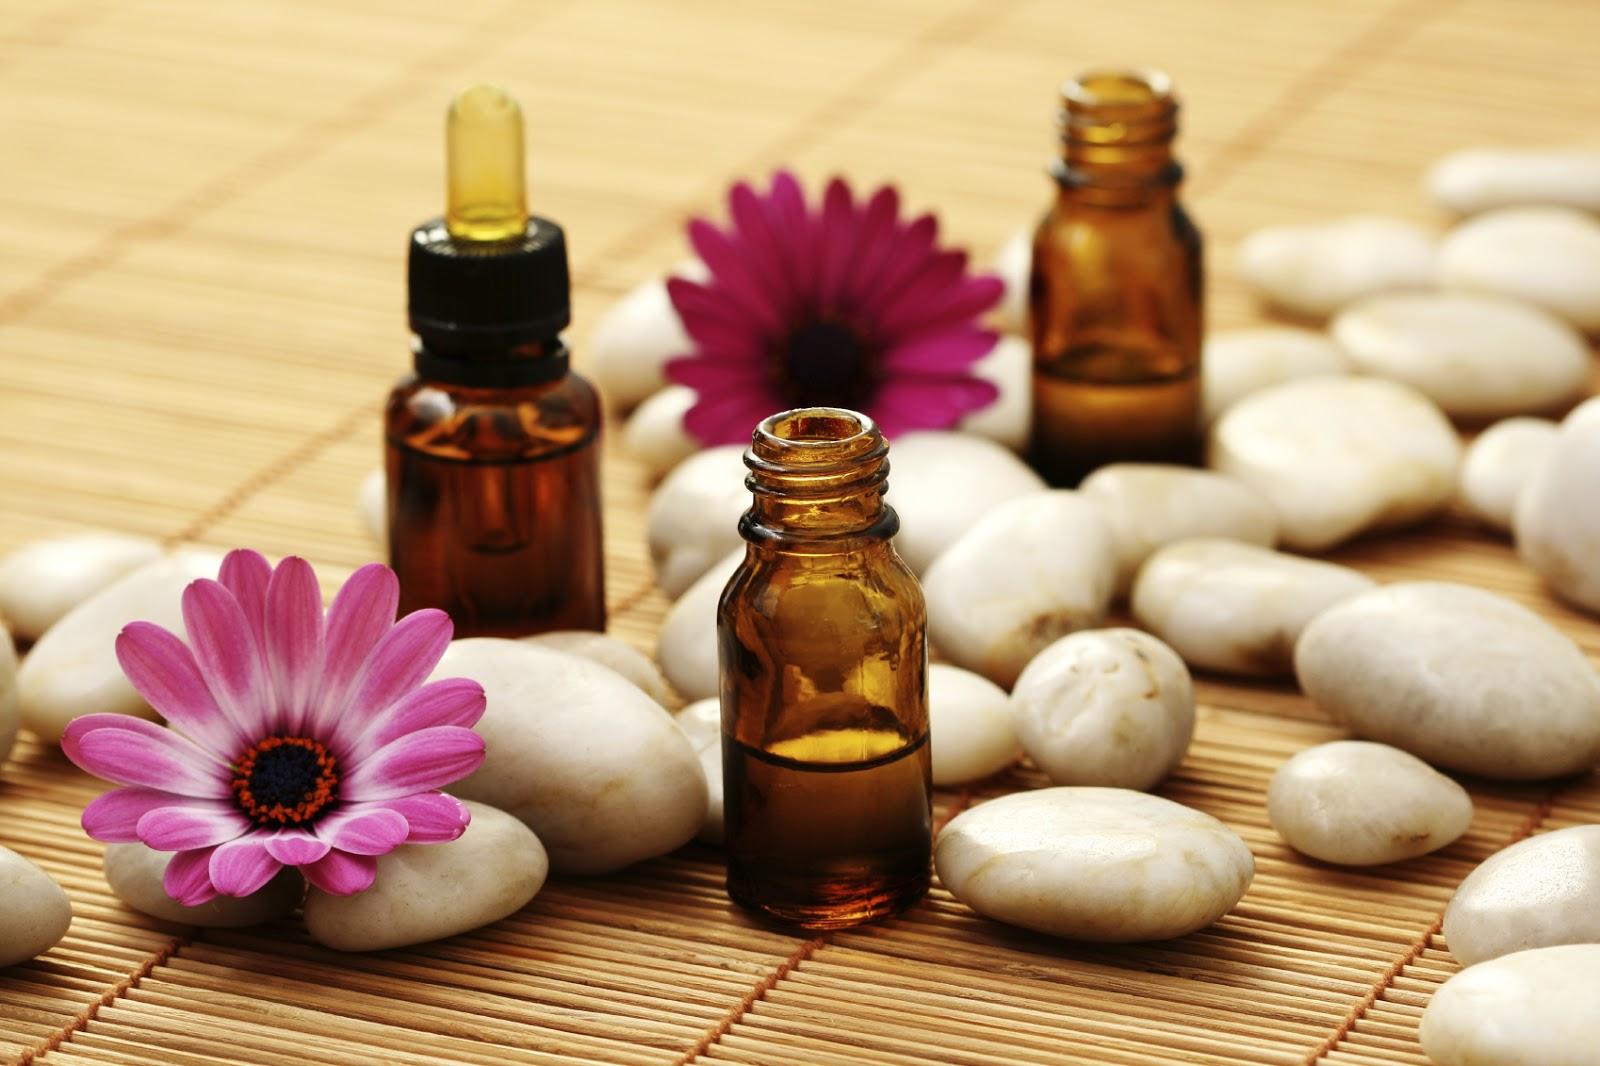 Χαλαρώστε σώμα και πνεύμα με αρωματοθεραπεία! thumbnail